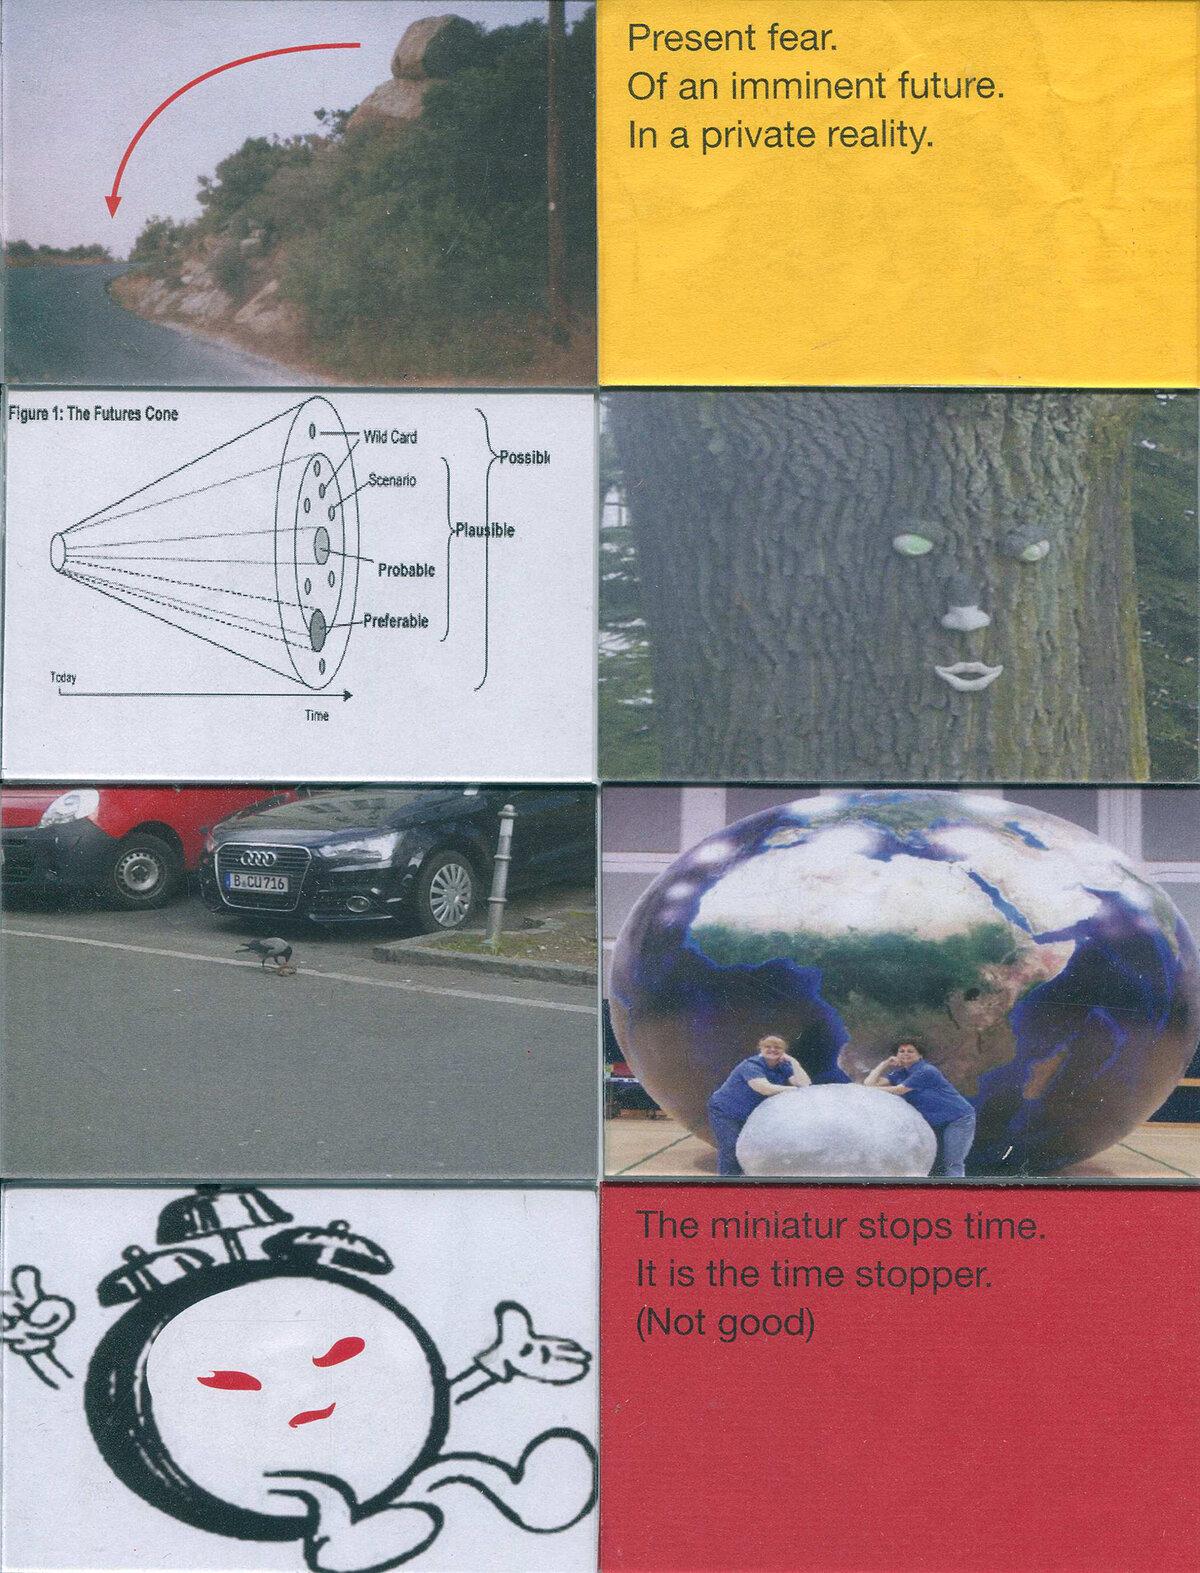 owl-pessimism021-1200x1573-q85